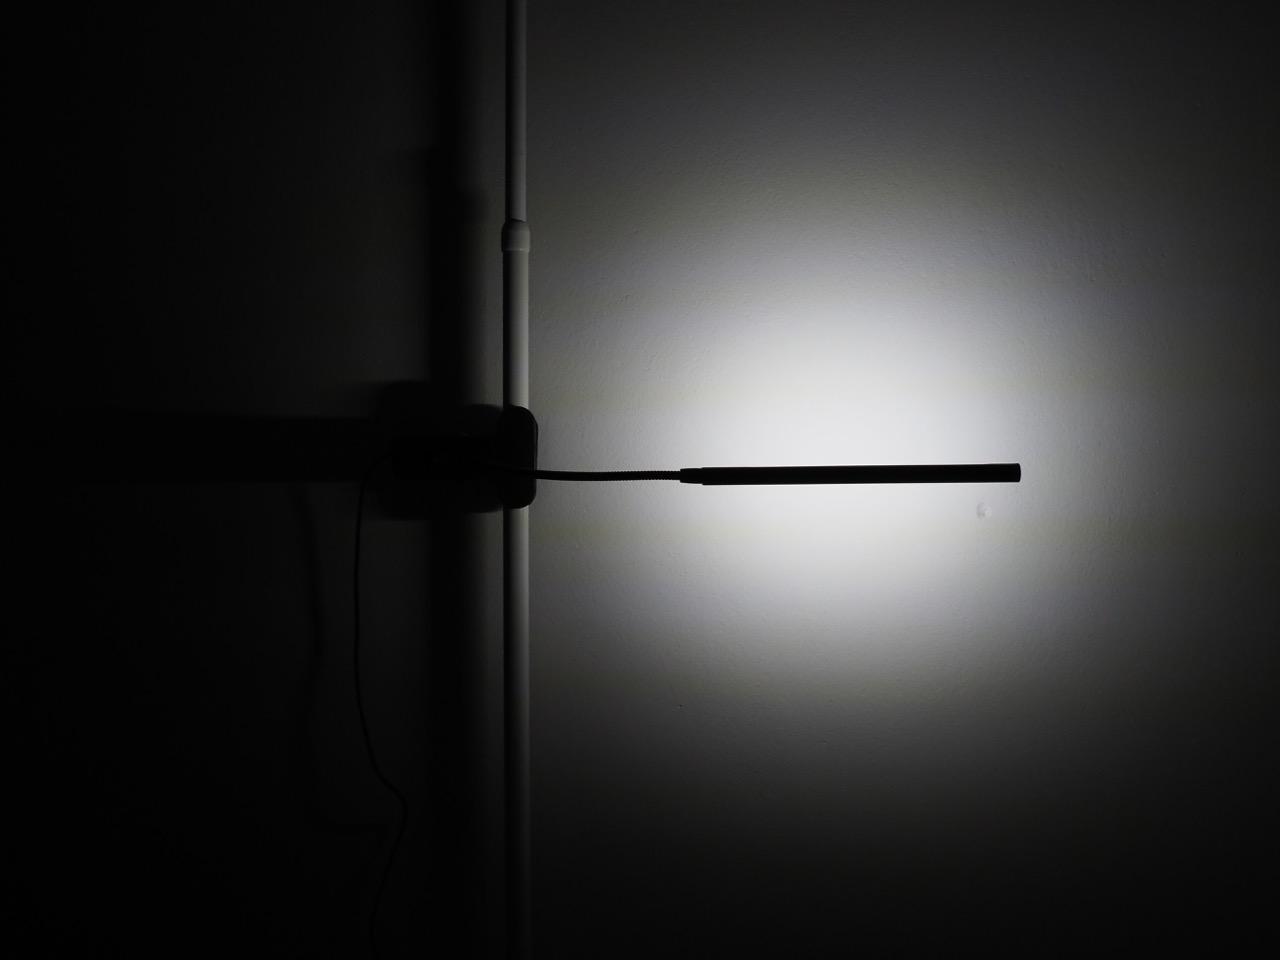 寝付きの悪い人用のベッドサイド照明